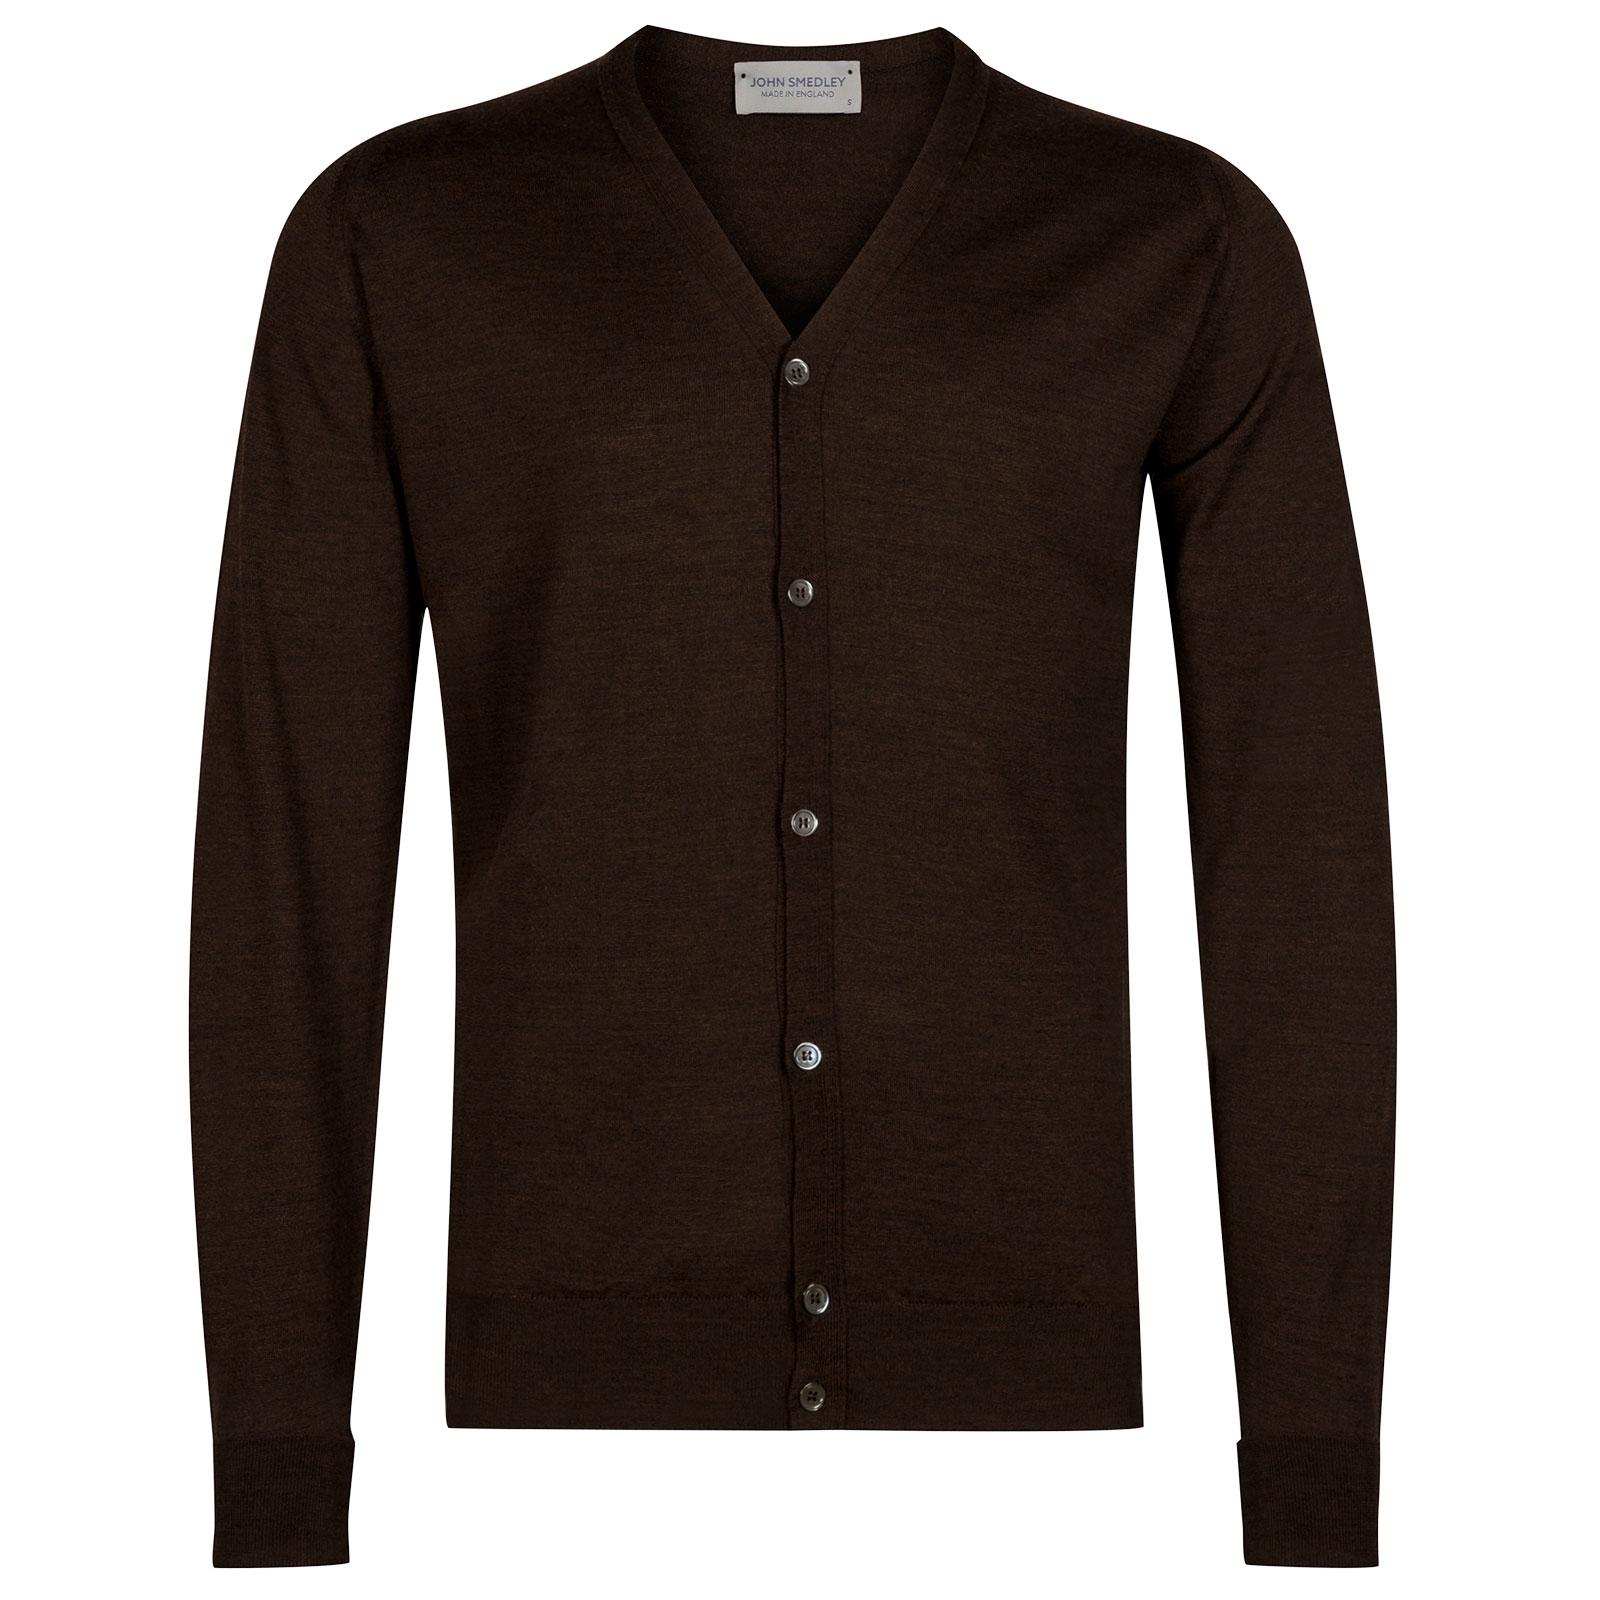 John Smedley Bryn Merino Wool Cardigan in Chestnut-XL